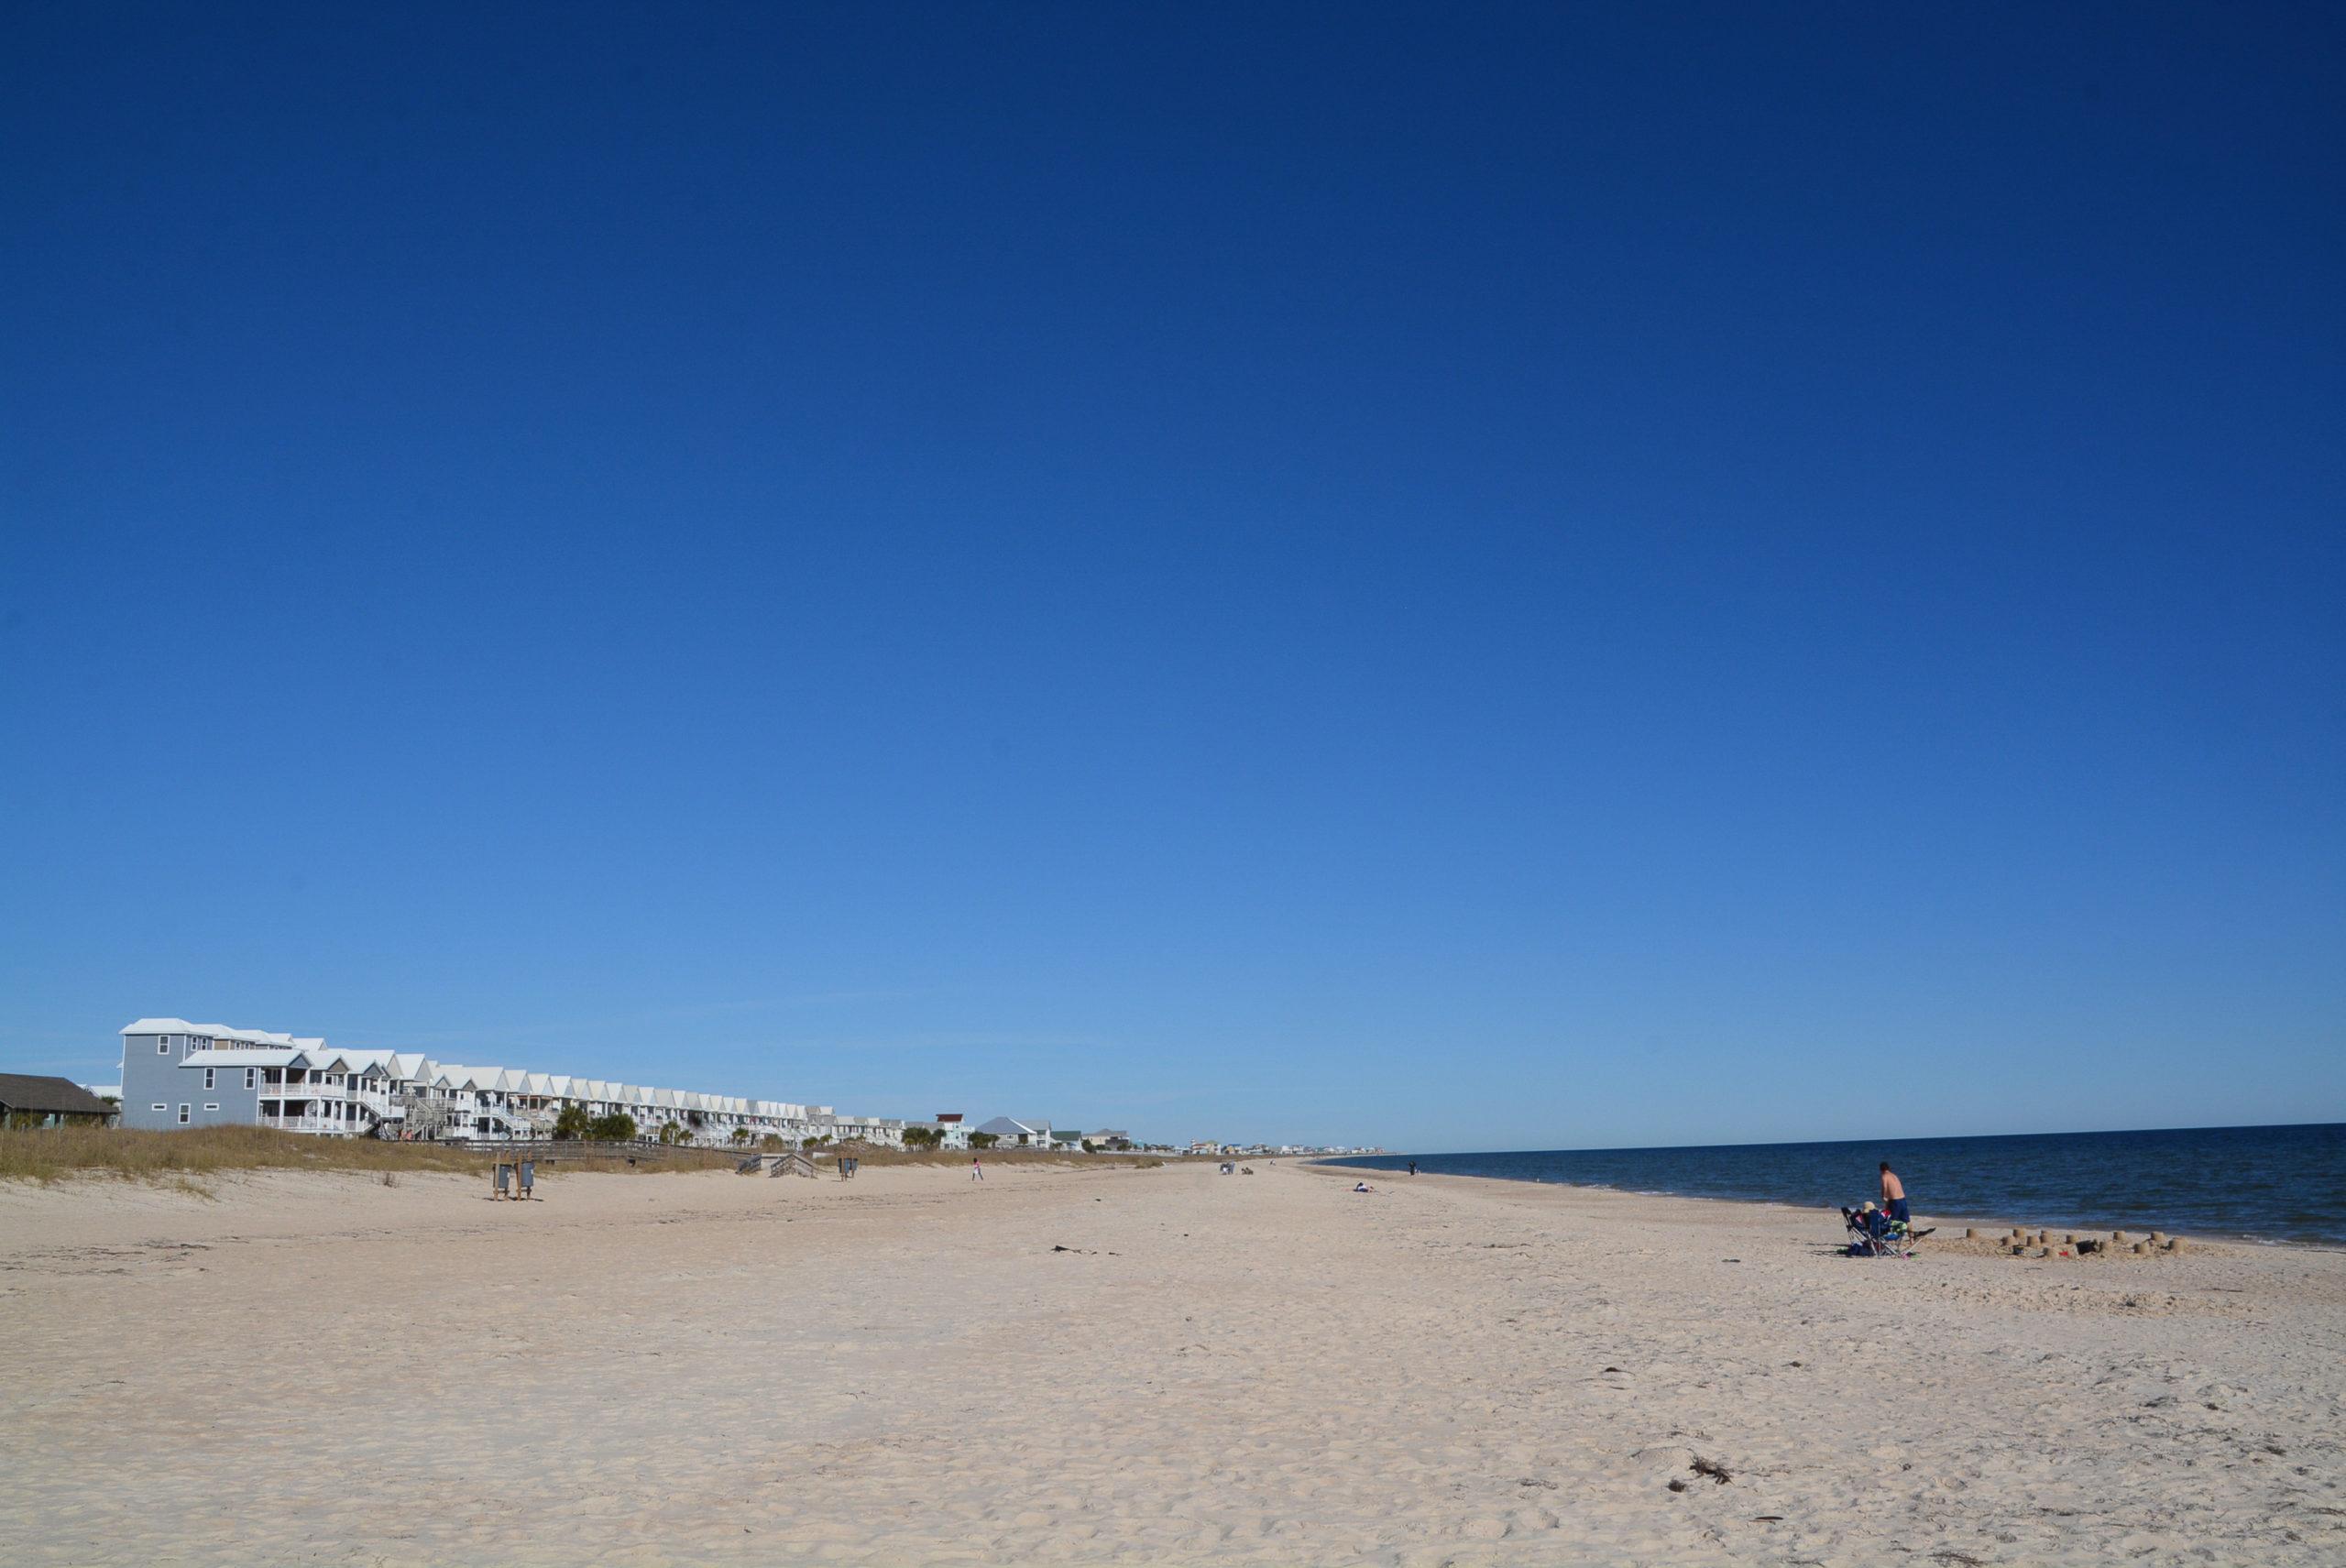 Strand mit Küstenhäusern in der Nähe von Apalachicola